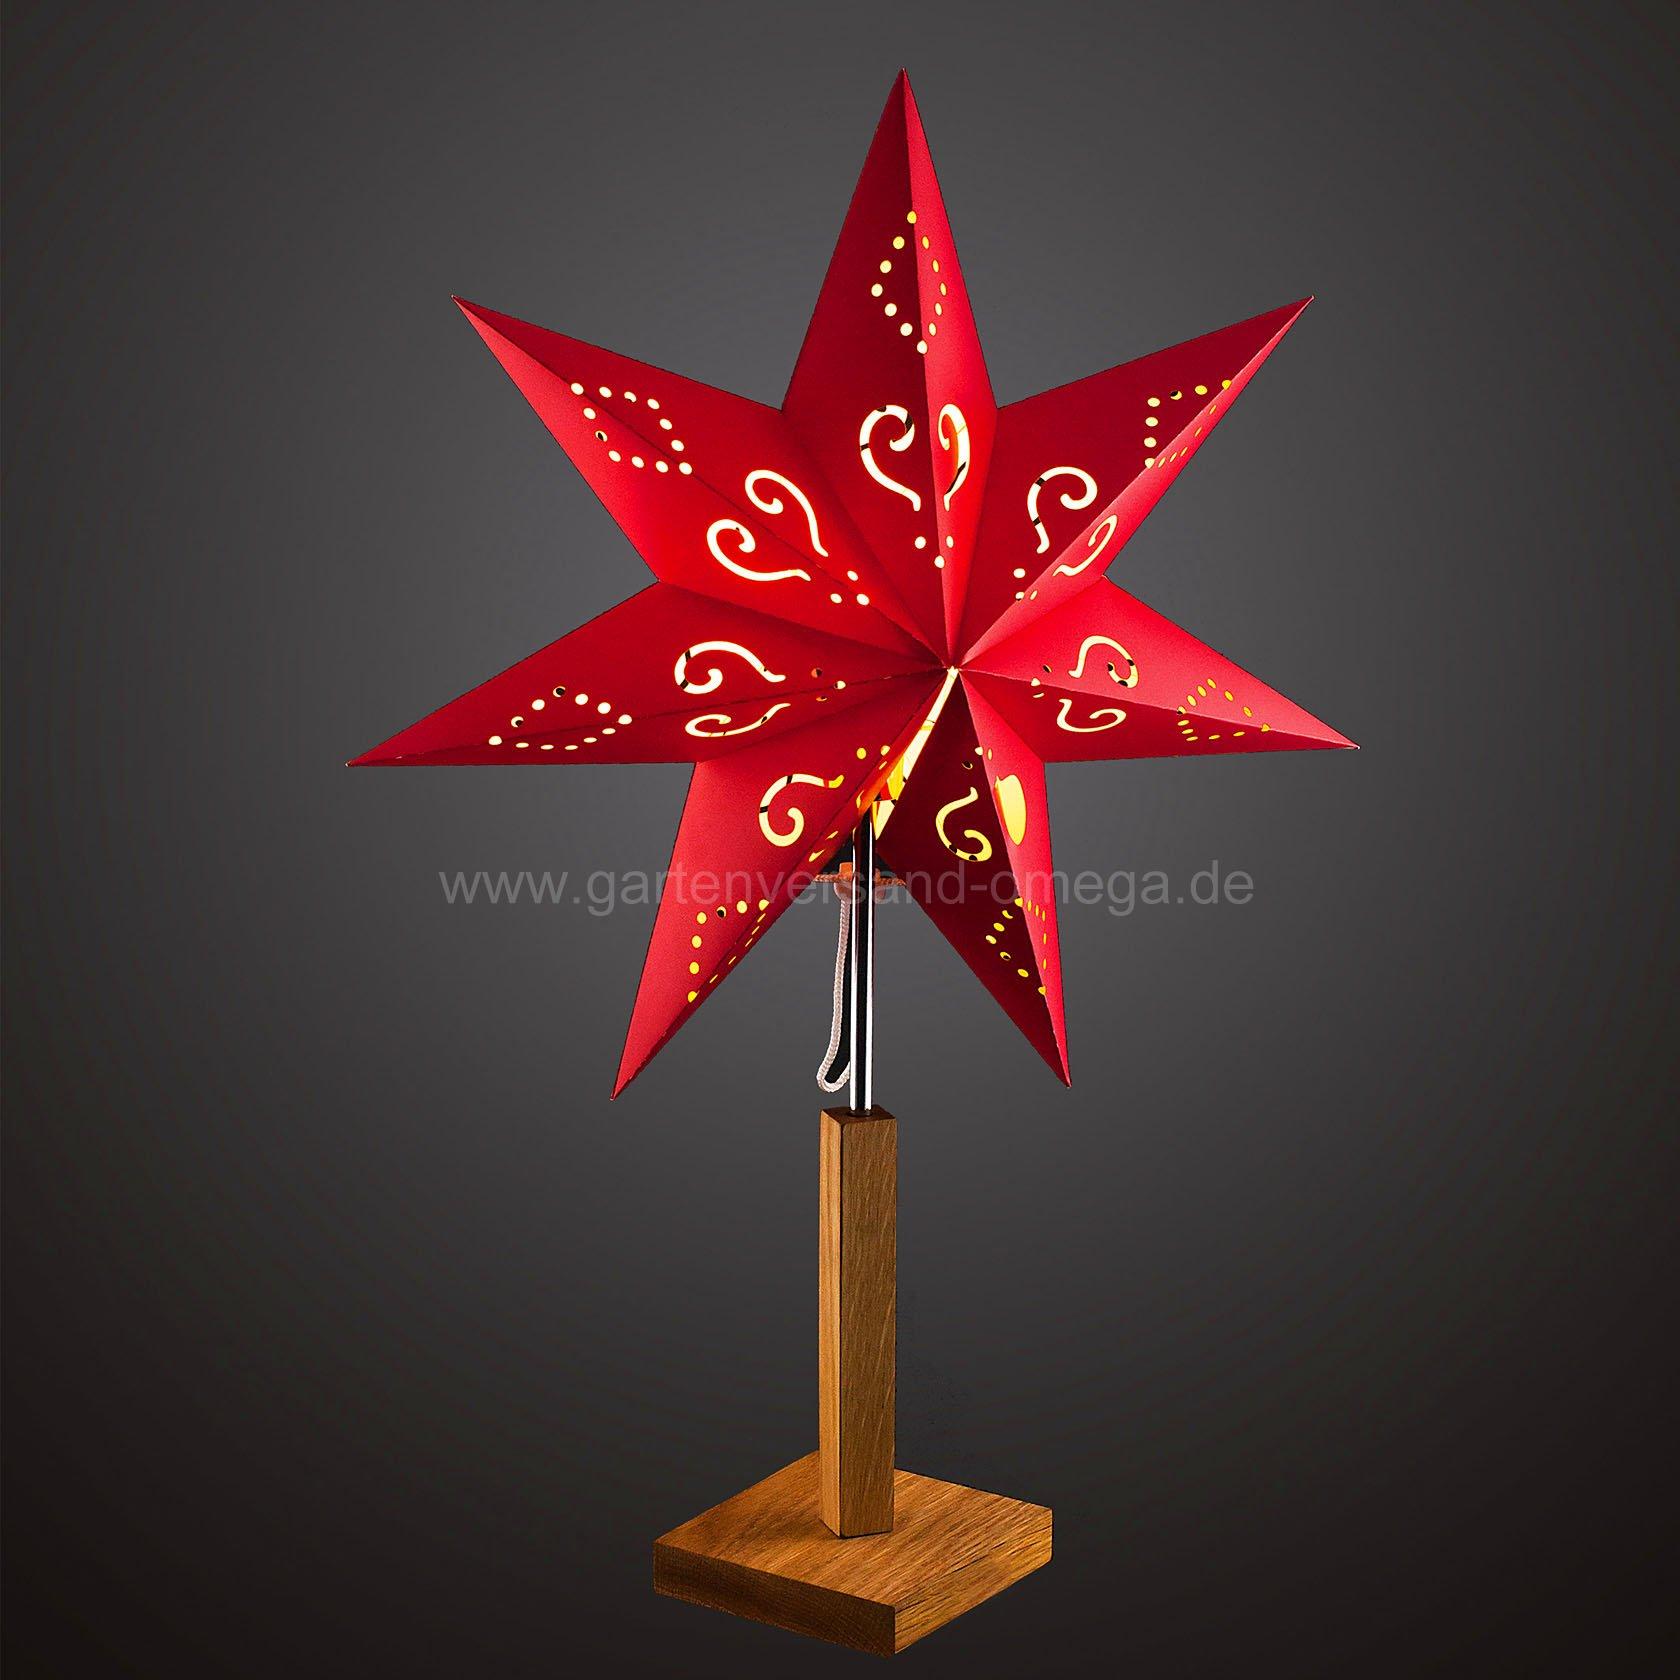 papierstern rot mit holzstandfu weihnachtsdekoration f r den tisch papierstern zum. Black Bedroom Furniture Sets. Home Design Ideas